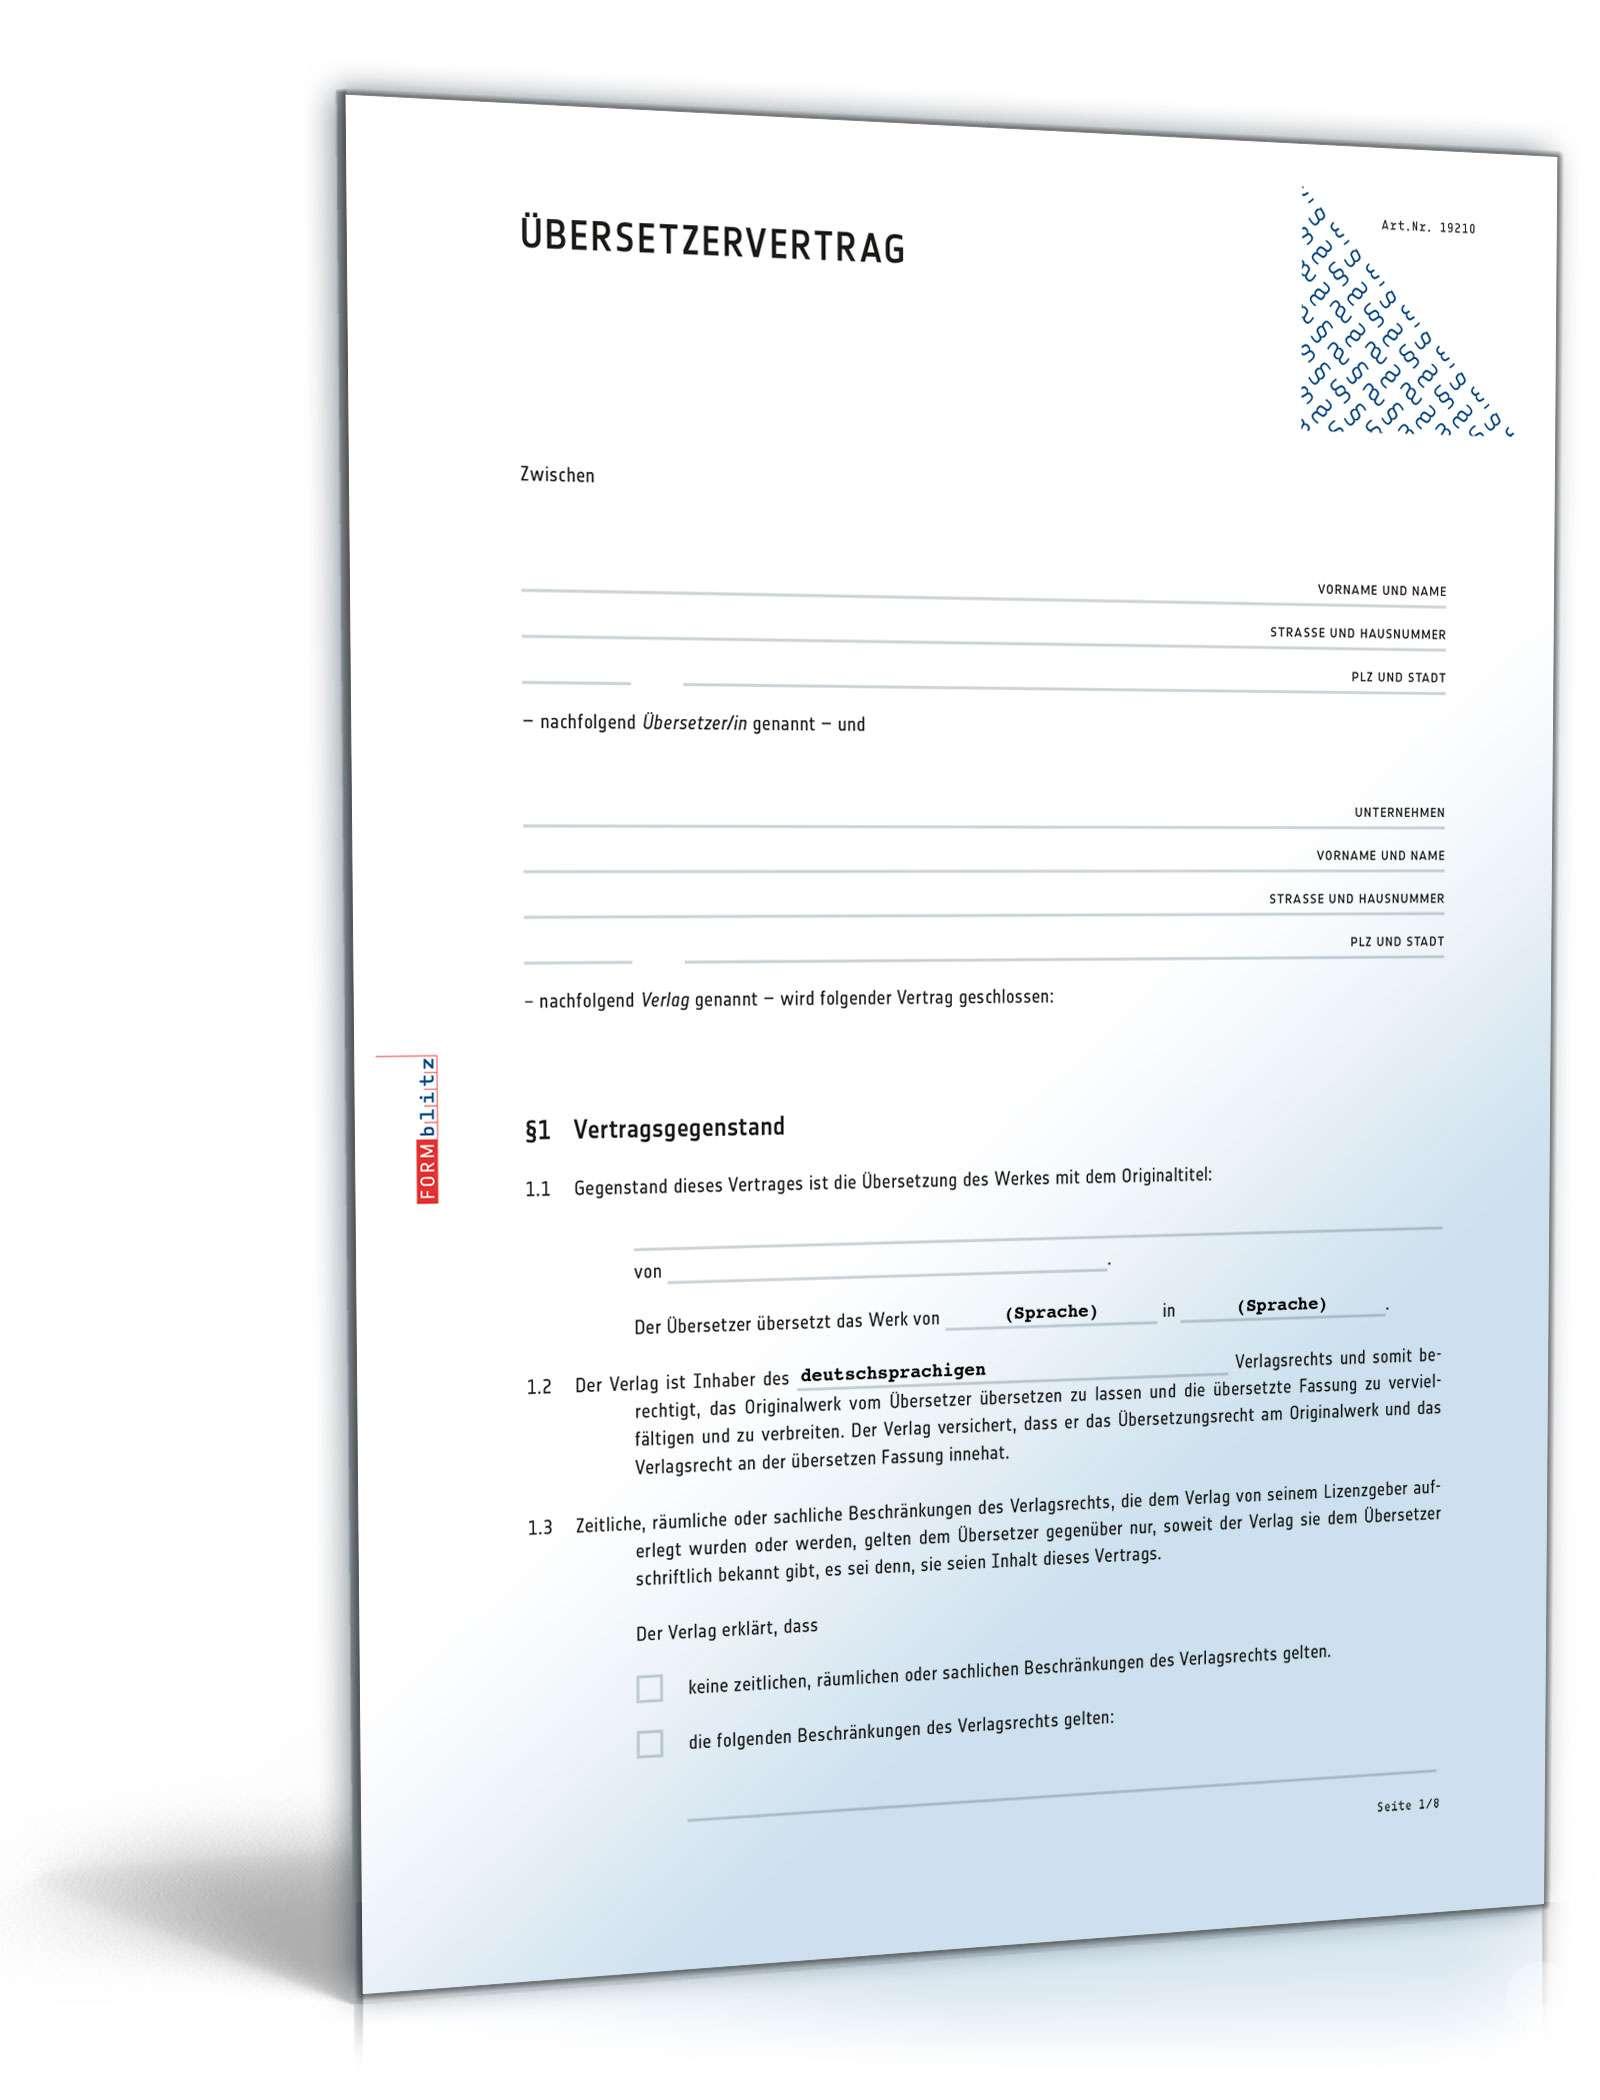 übersetzervertrag Anwaltsgeprüftes Muster Zum Download